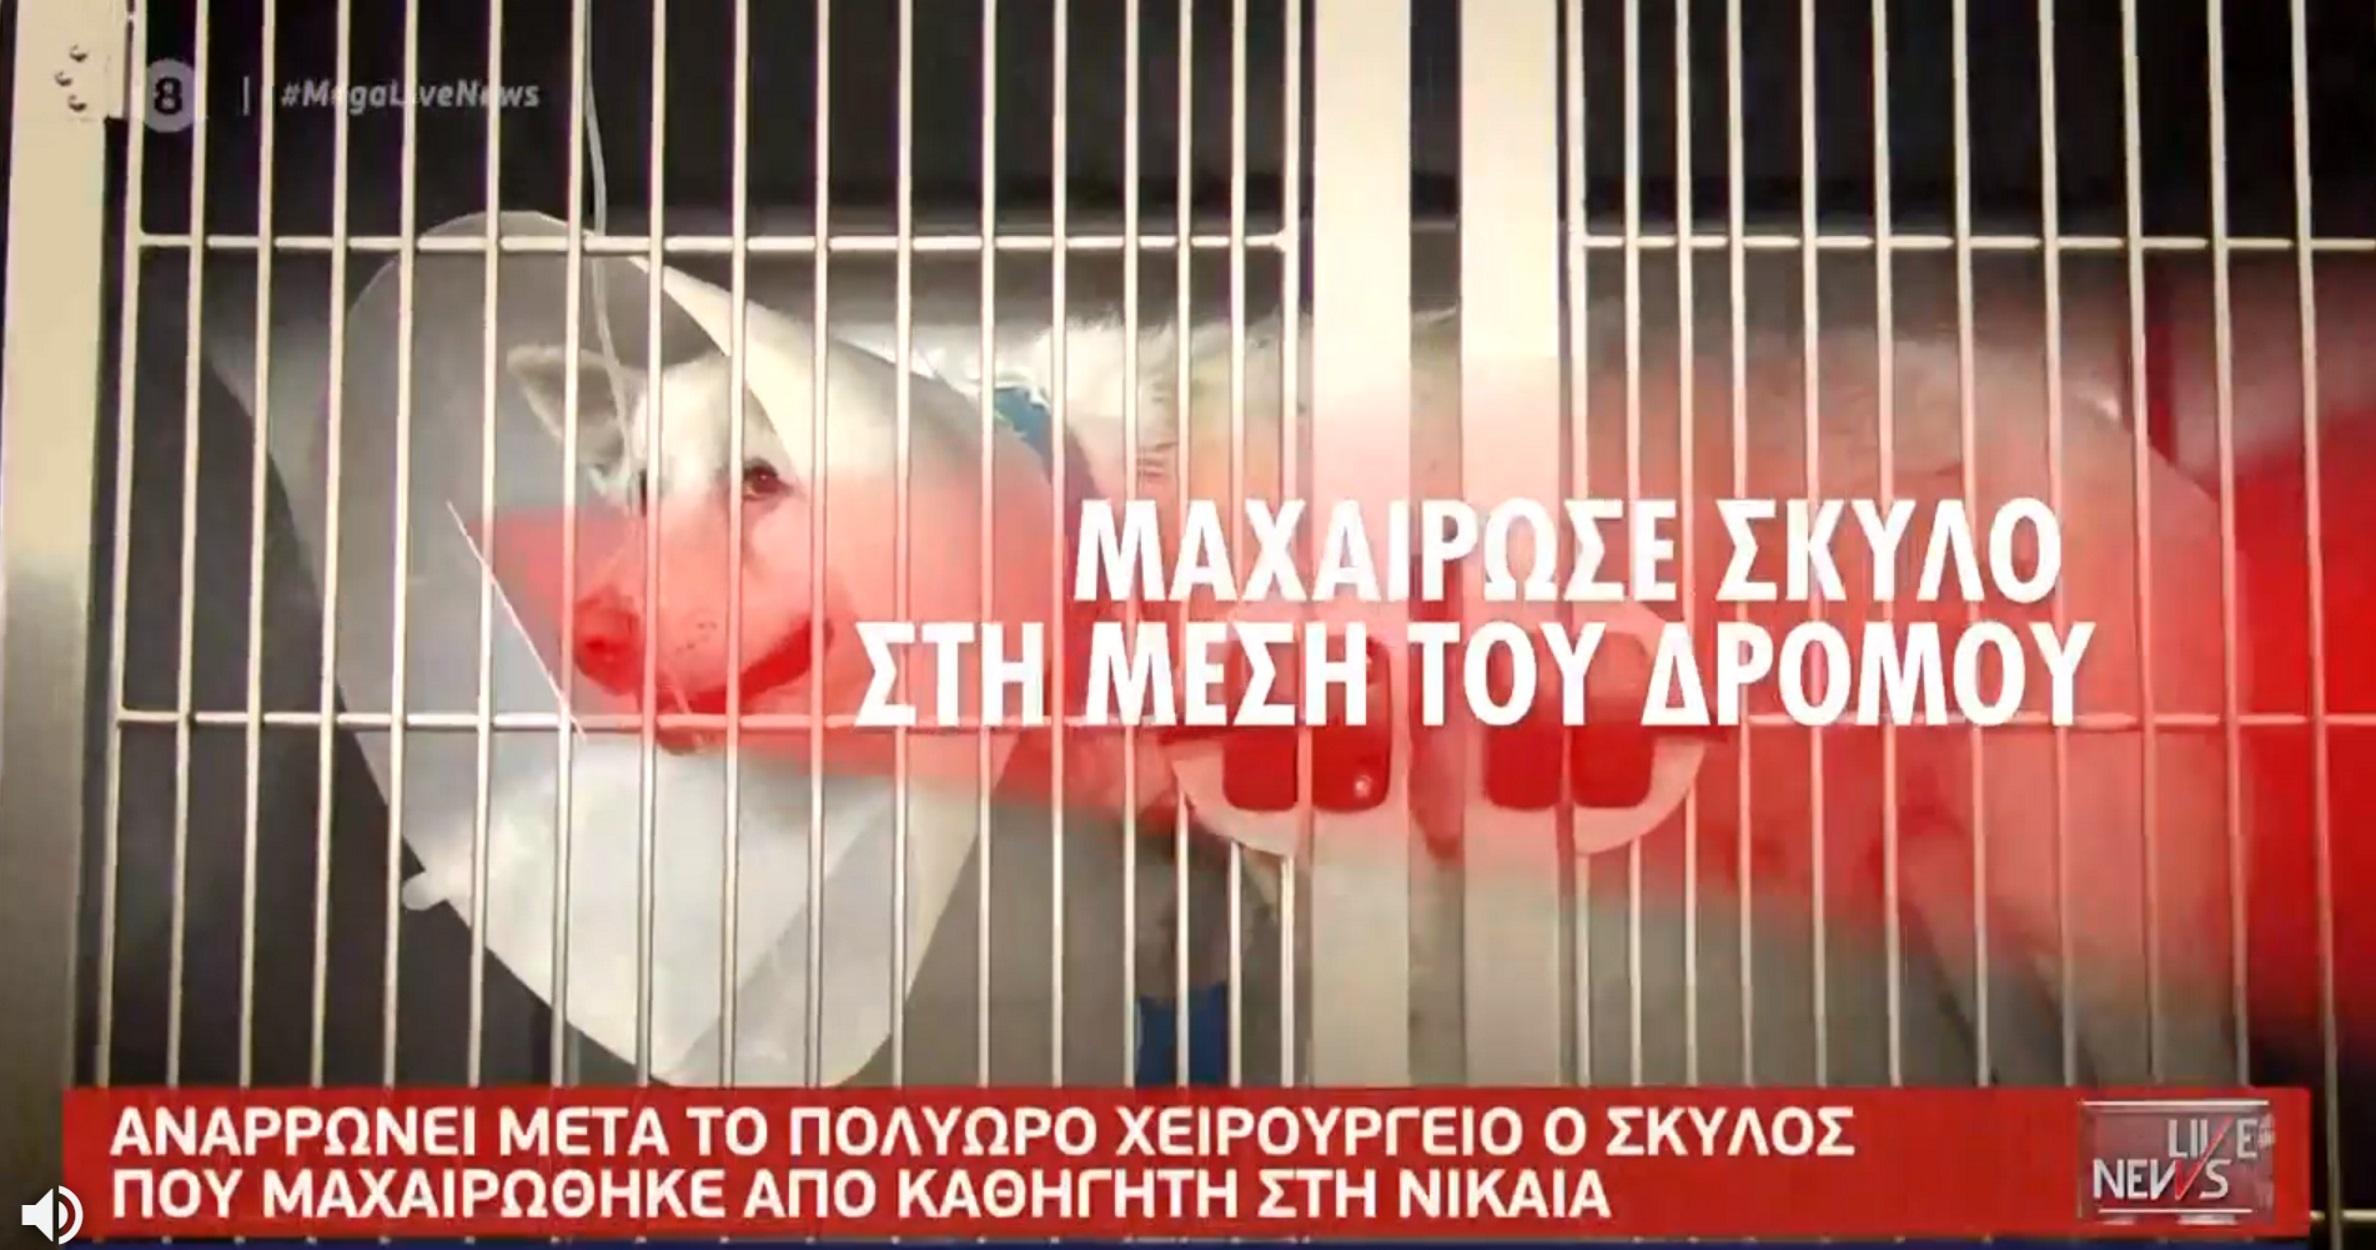 Φρίκη στη Νίκαια: Σε κρίσιμη κατάσταση ο σκύλος – Συνελήφθη ο άνδρας που τον μαχαίρωσε (video)